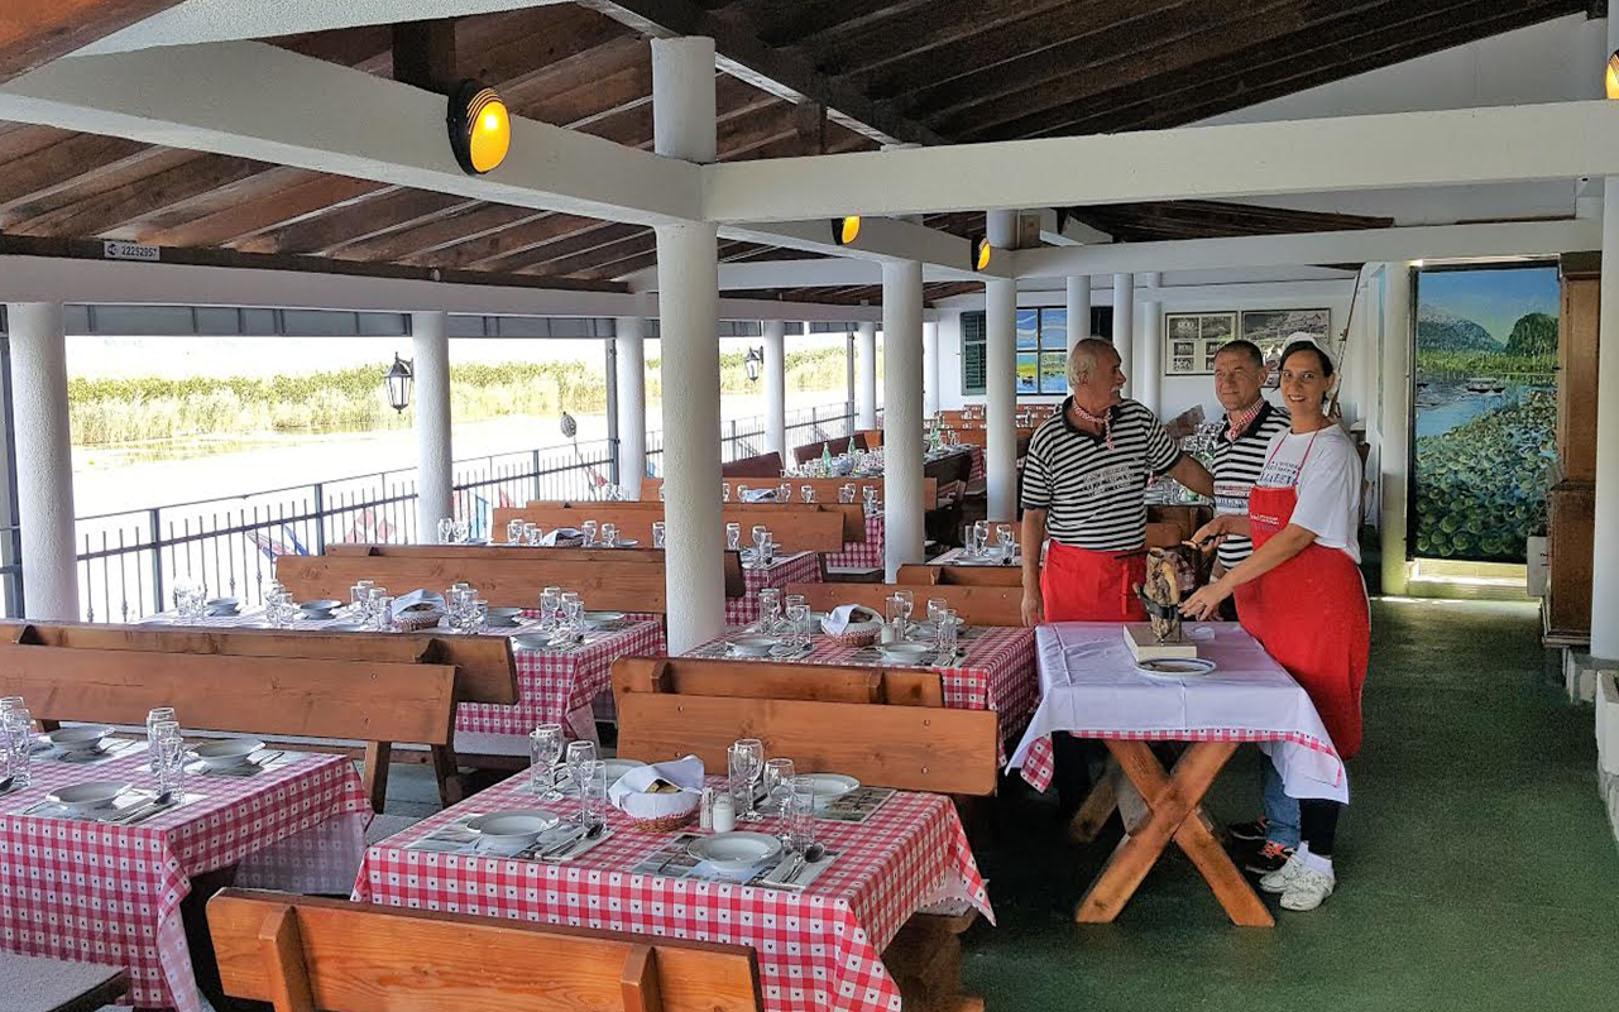 Restoran-Villa-Neretva-Neretvanska-kuća-222